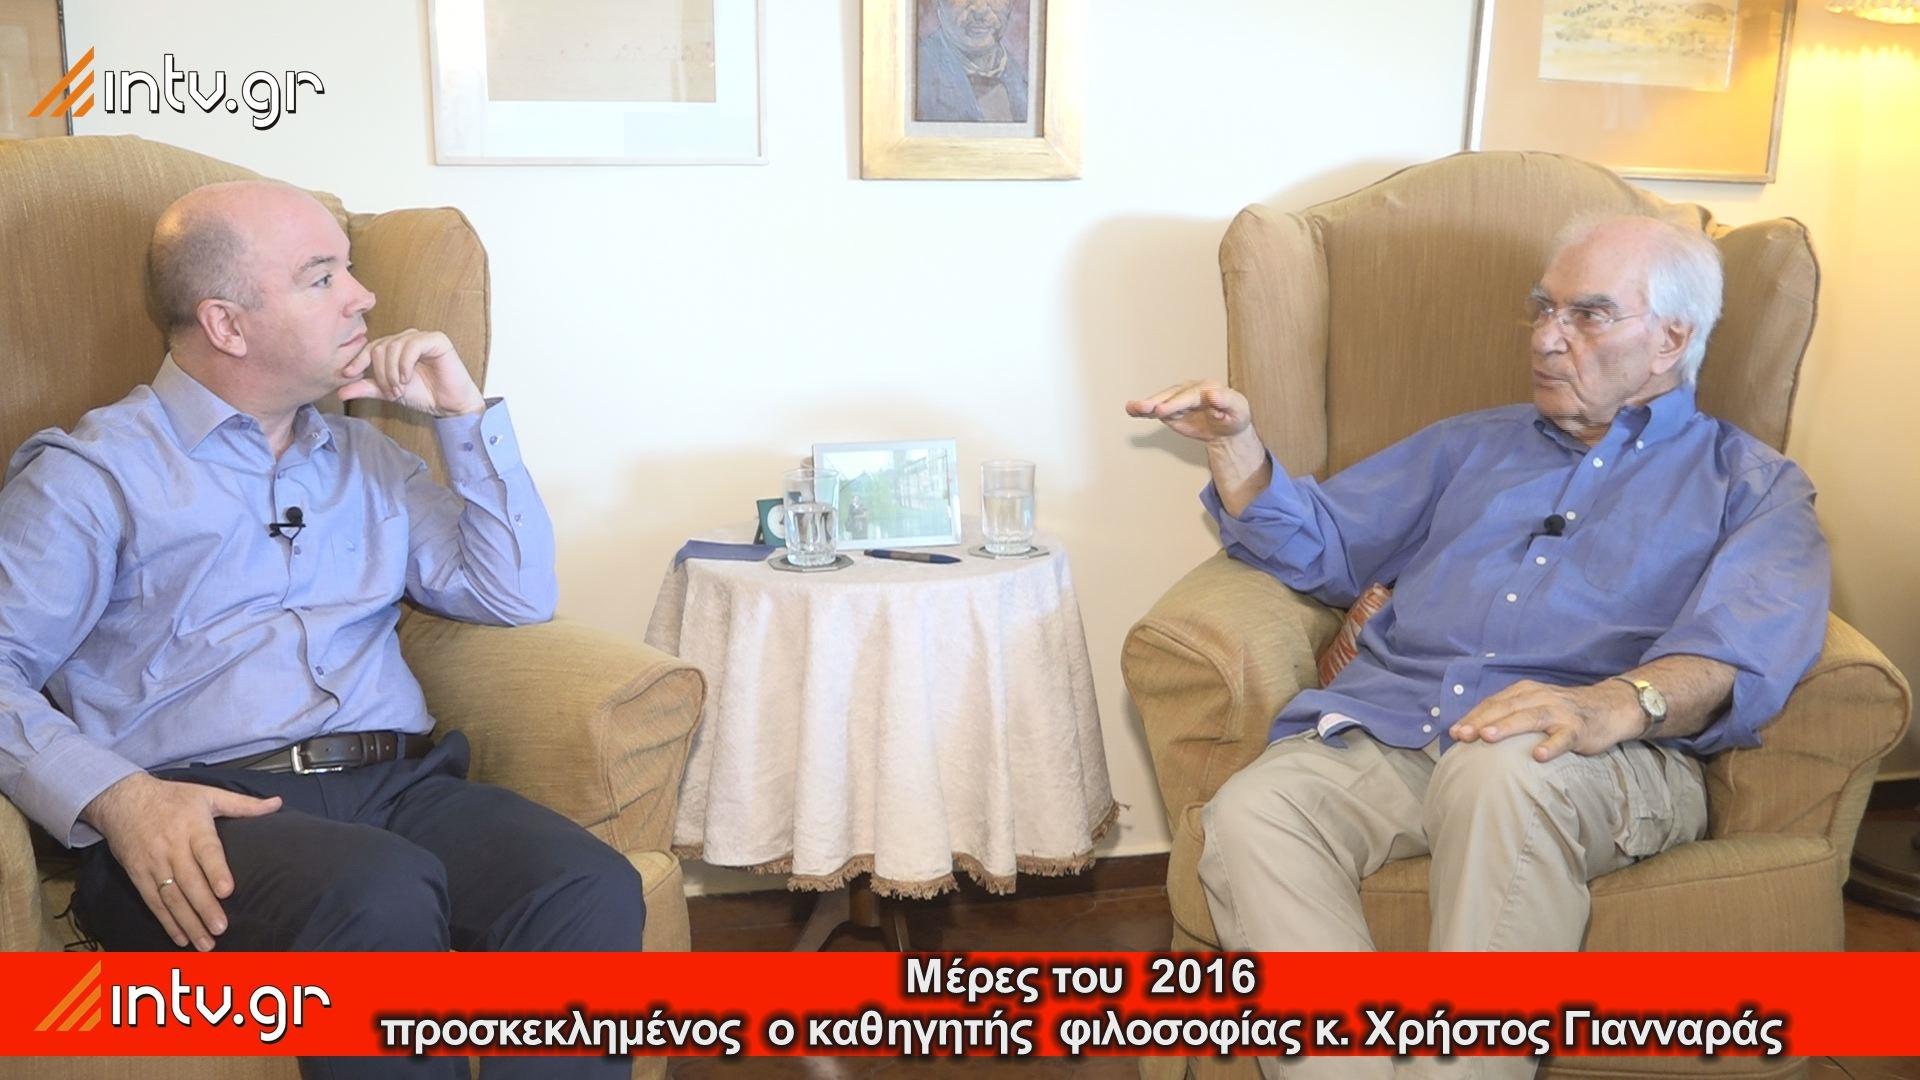 Μέρες του  2016 - προσκεκλημένος  ο καθηγητής  φιλοσοφίας κ. Χρήστος Γιανναράς